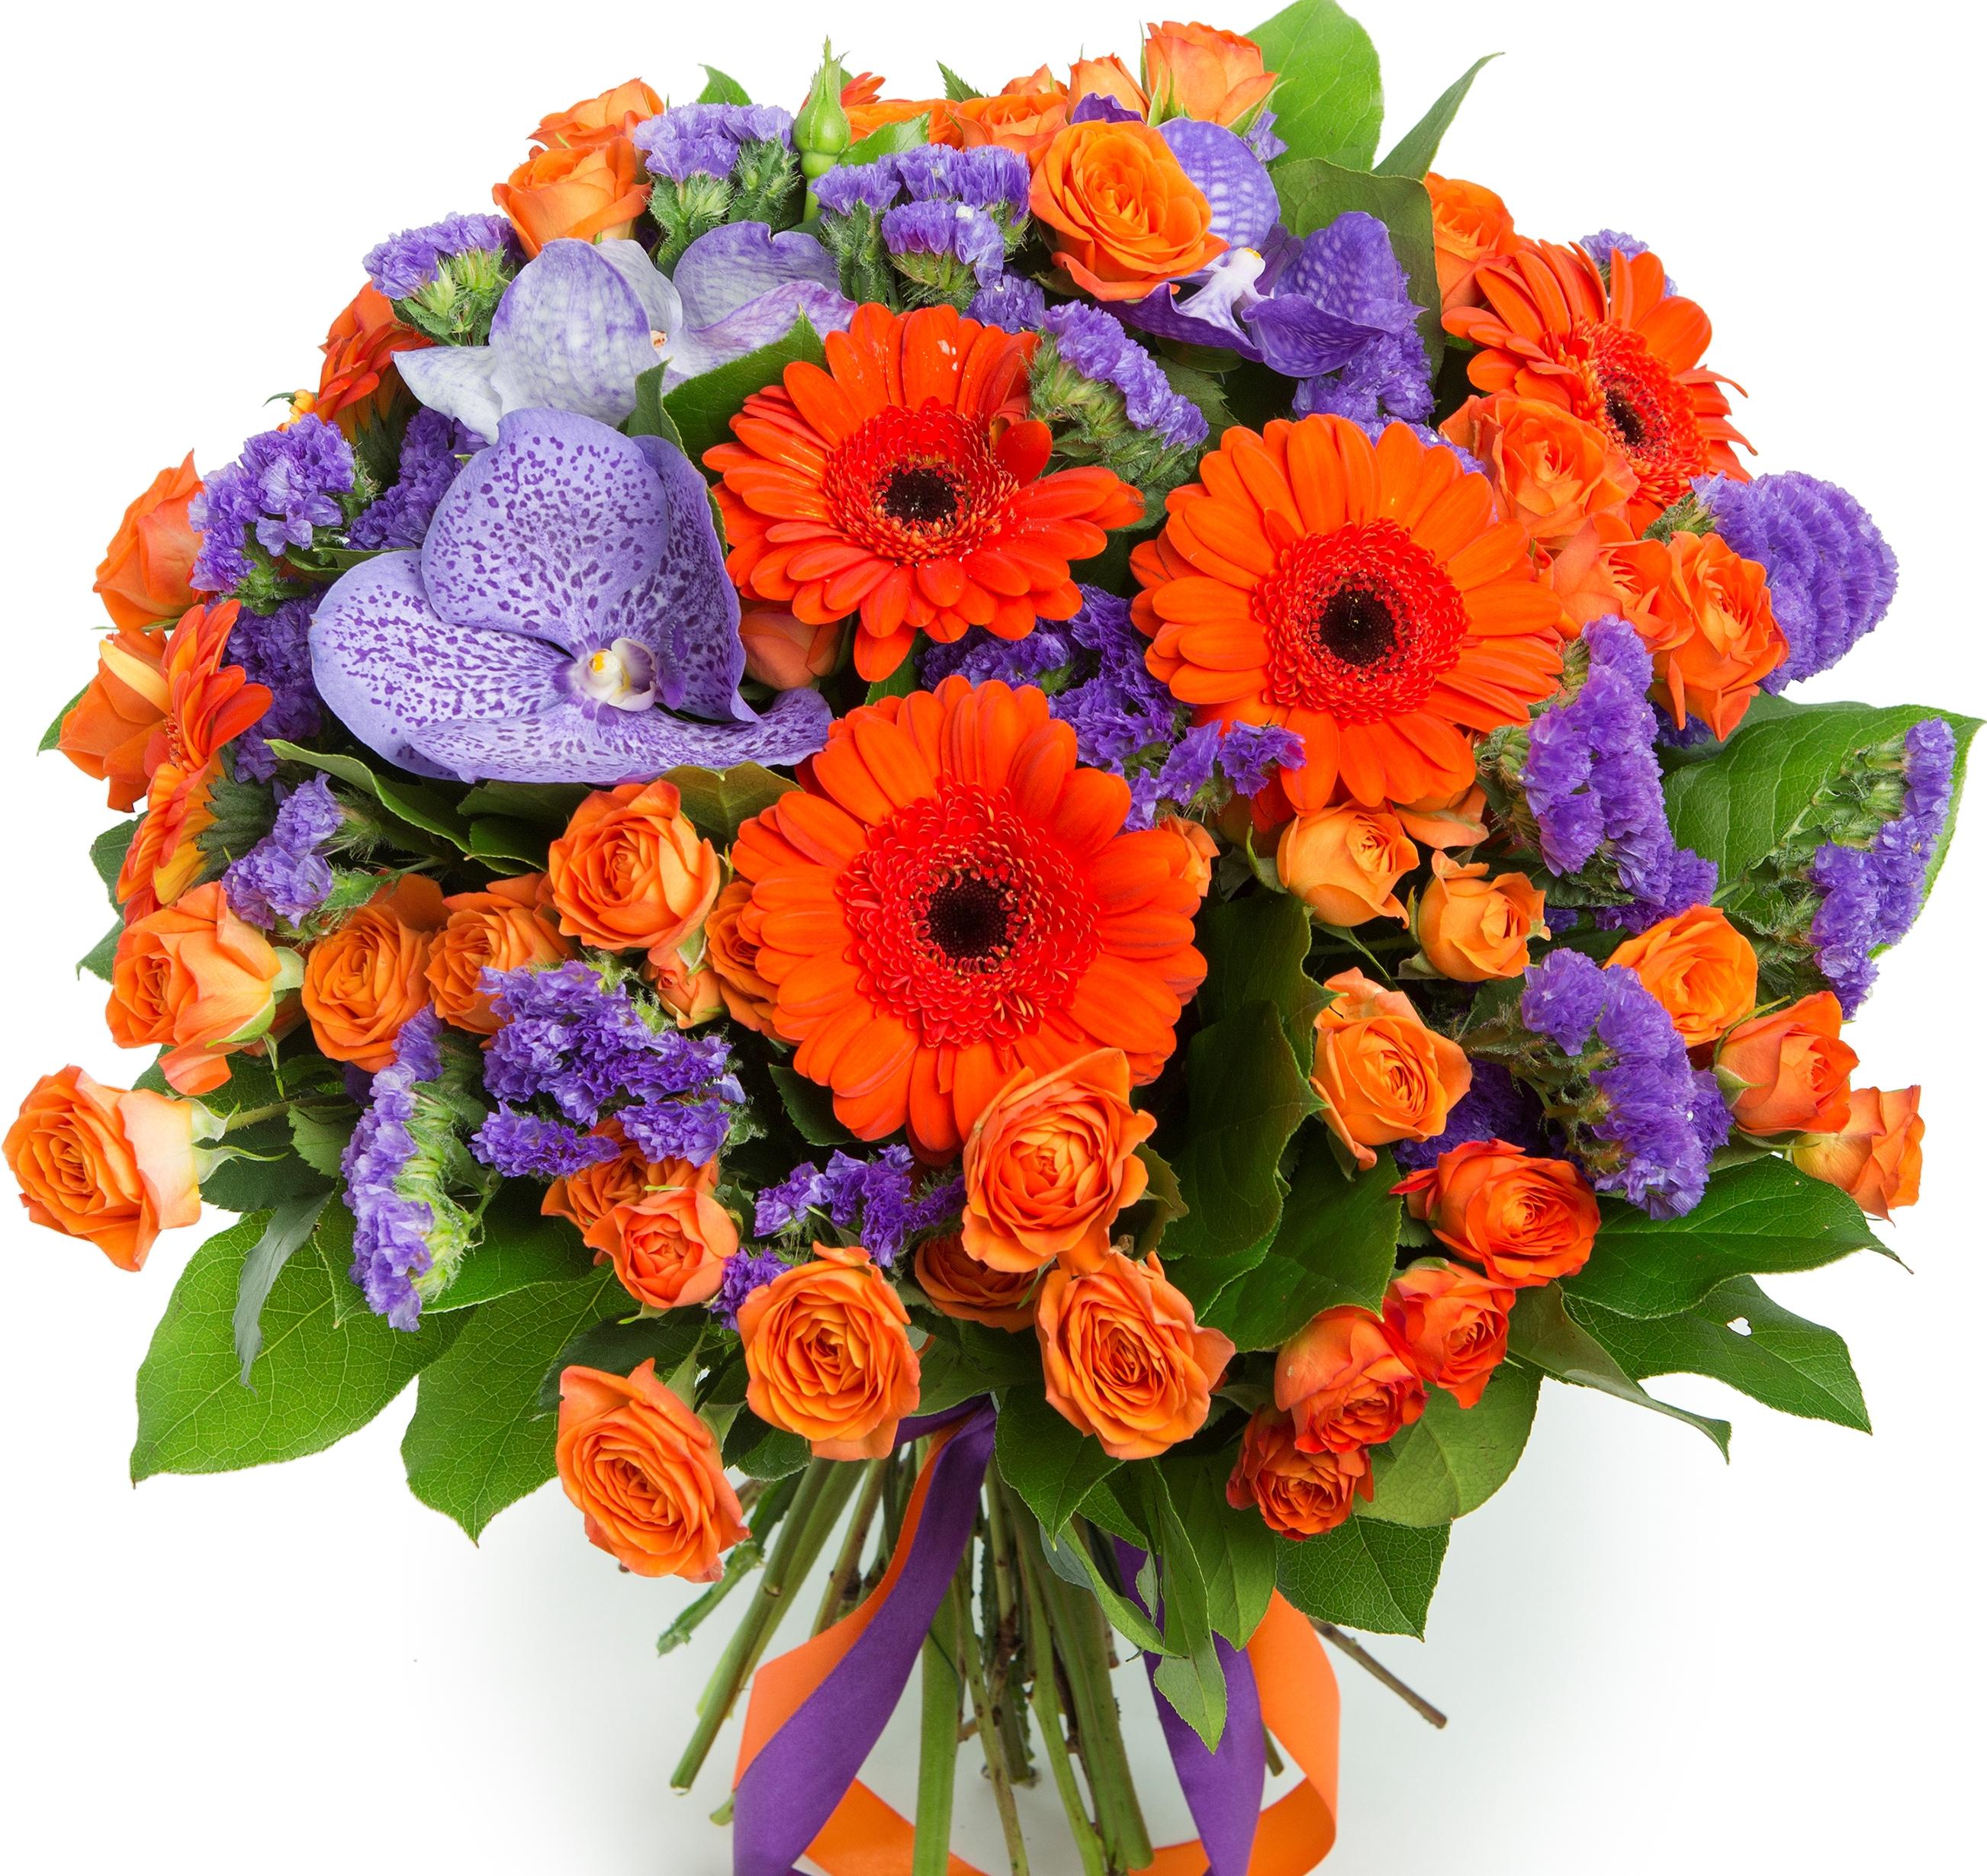 Авторский букет цветов Сангрия<br>Ингредиенты: Орхидея ванда синяя 3 шт, Гербера мини 7 шт, Роза кустовая 10 шт, Салал, Статица 4 шт;